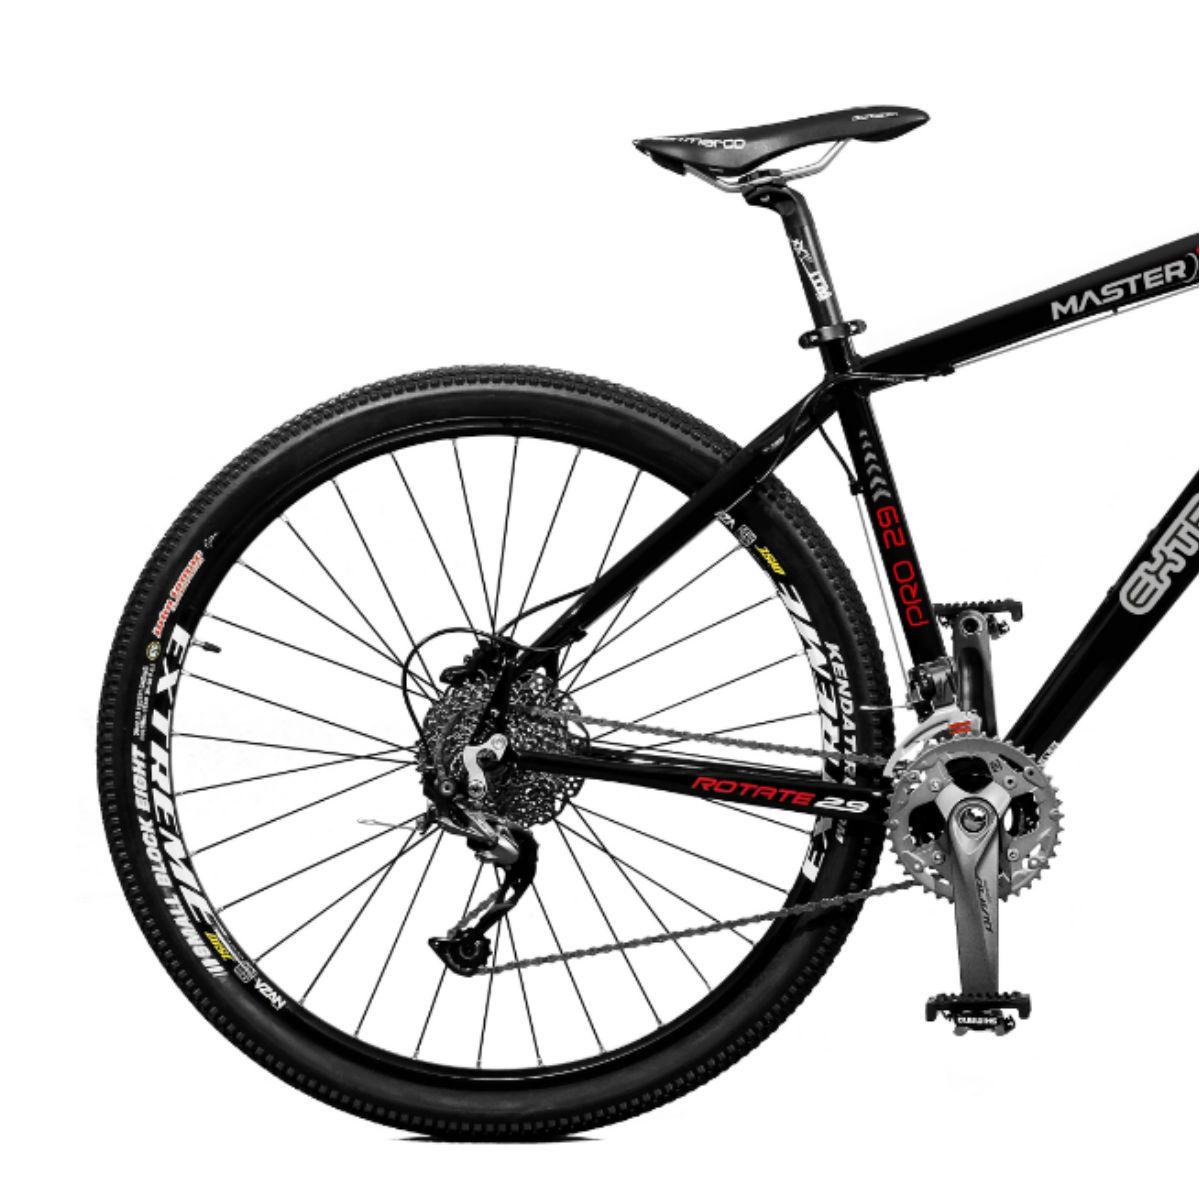 Bicicleta Master Bike Aro 29 Extreme Pro Freio Hidráulico 27 V Preto